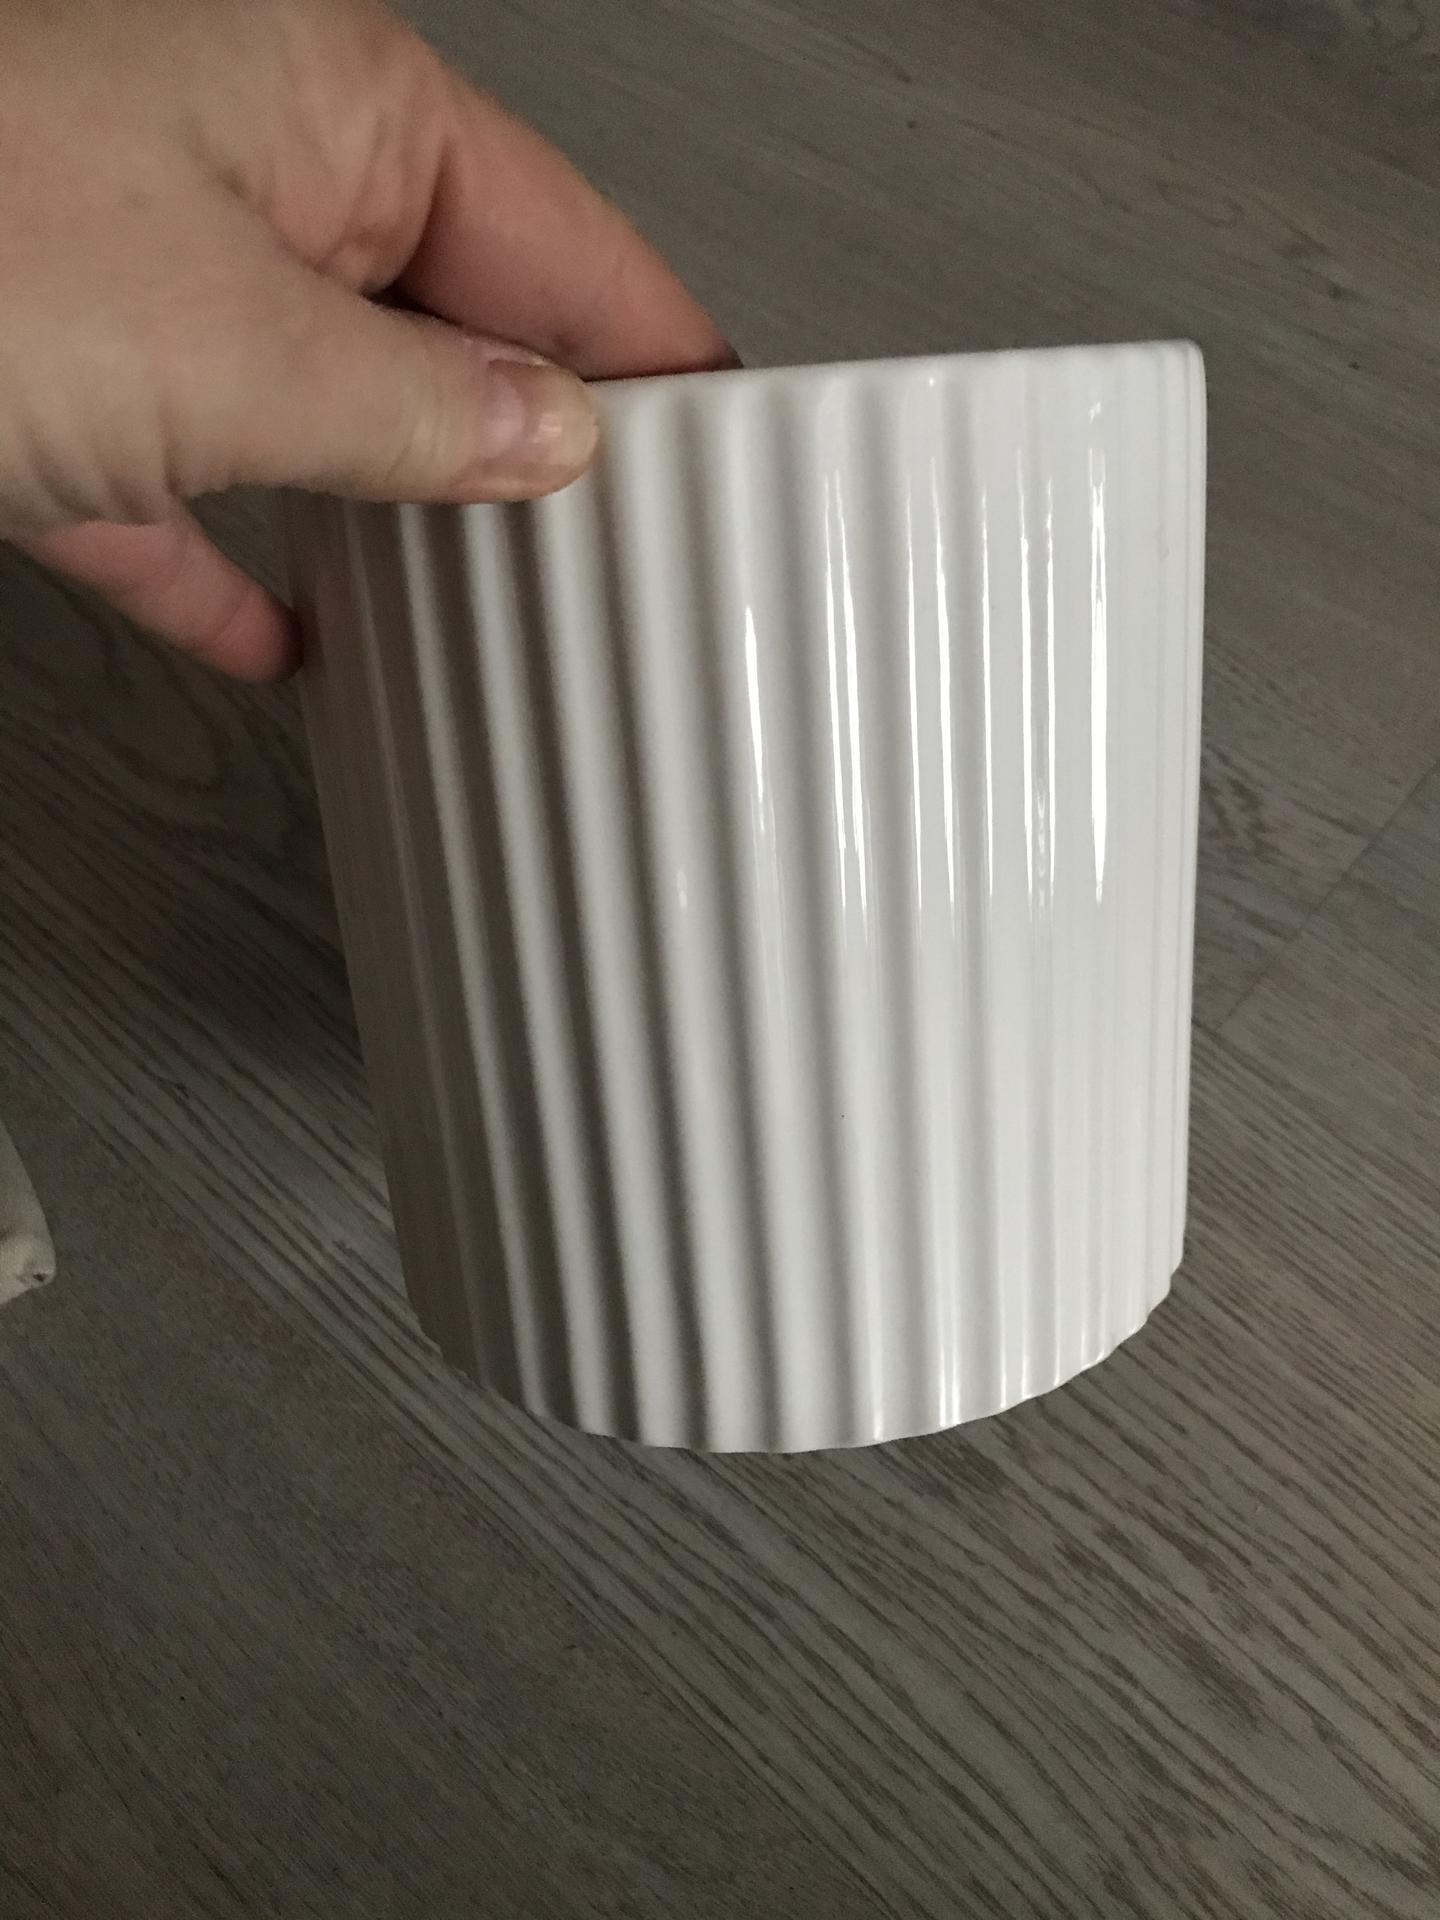 Dnes jsem se vydala okouknout Pepco a Action. Pepco bílý květináč-90 kč-pouziji jako vázu. Action-koš 145 kč ( výška 30 cm,průměr 40 cm a běhoun na stůl -lněný 79 kč.  Tak a už nikde nejdu😂😂😂 - Obrázek č. 1